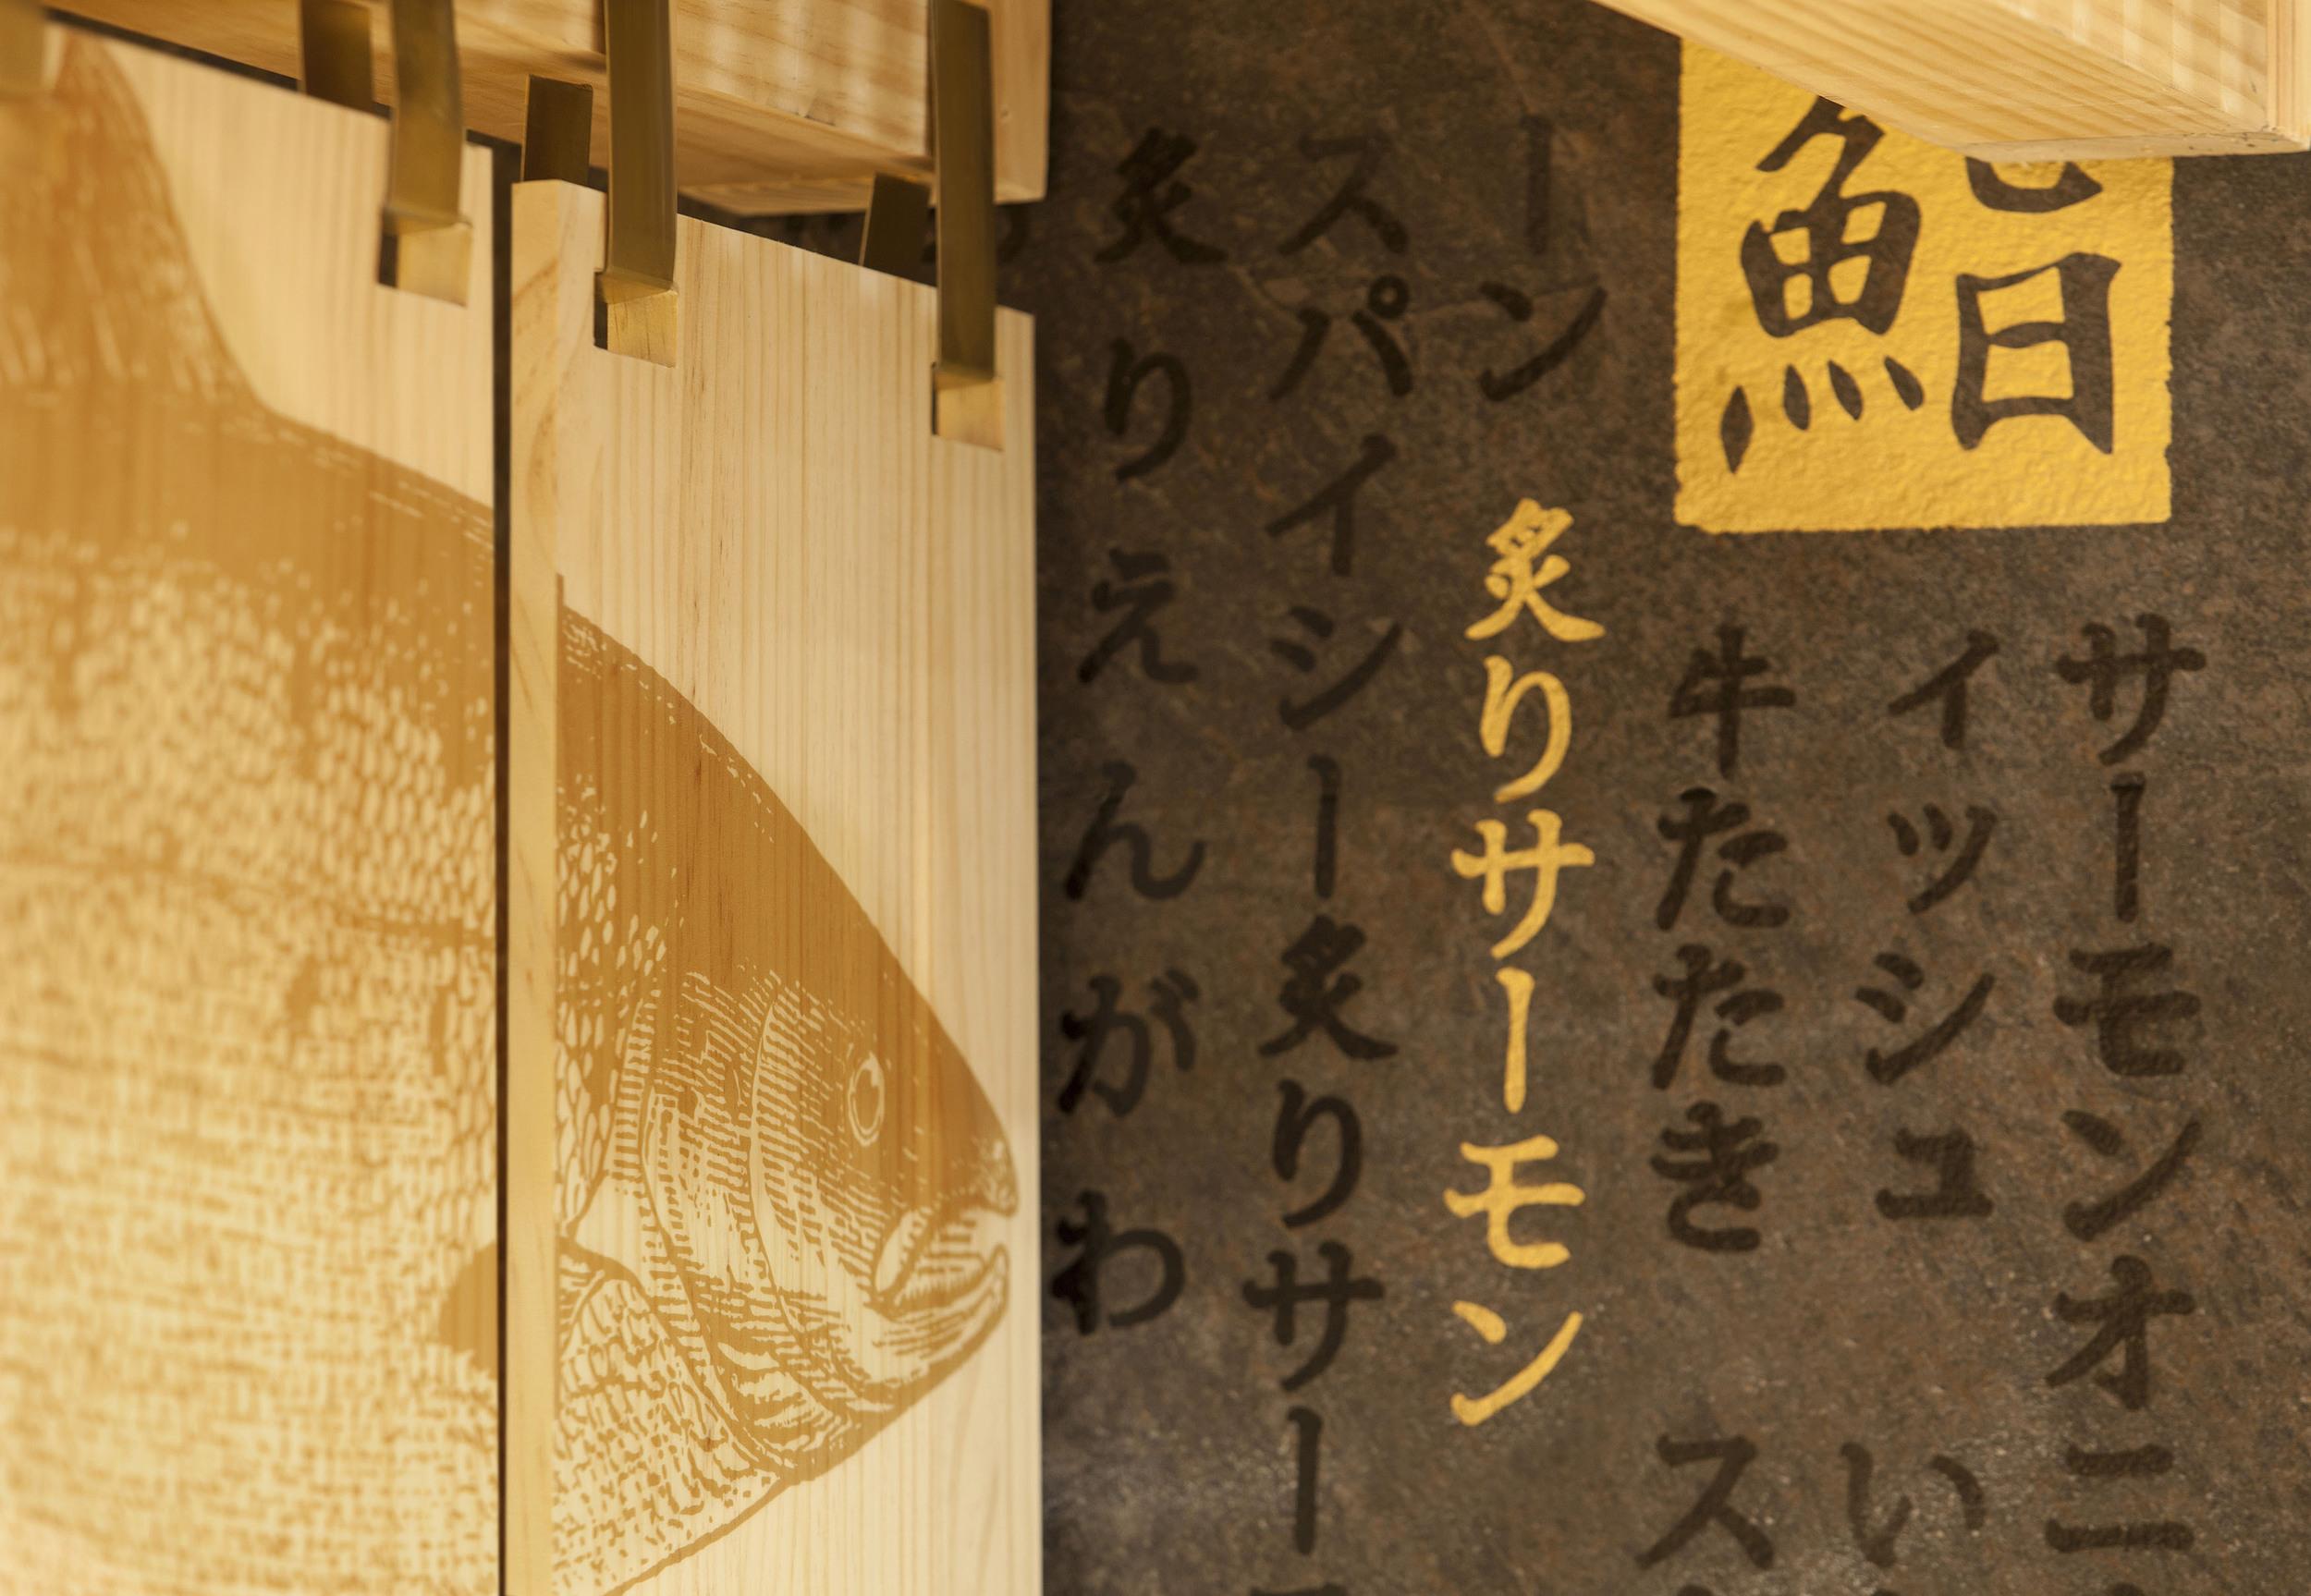 TAKA SUSHI_08 OF 8.jpg